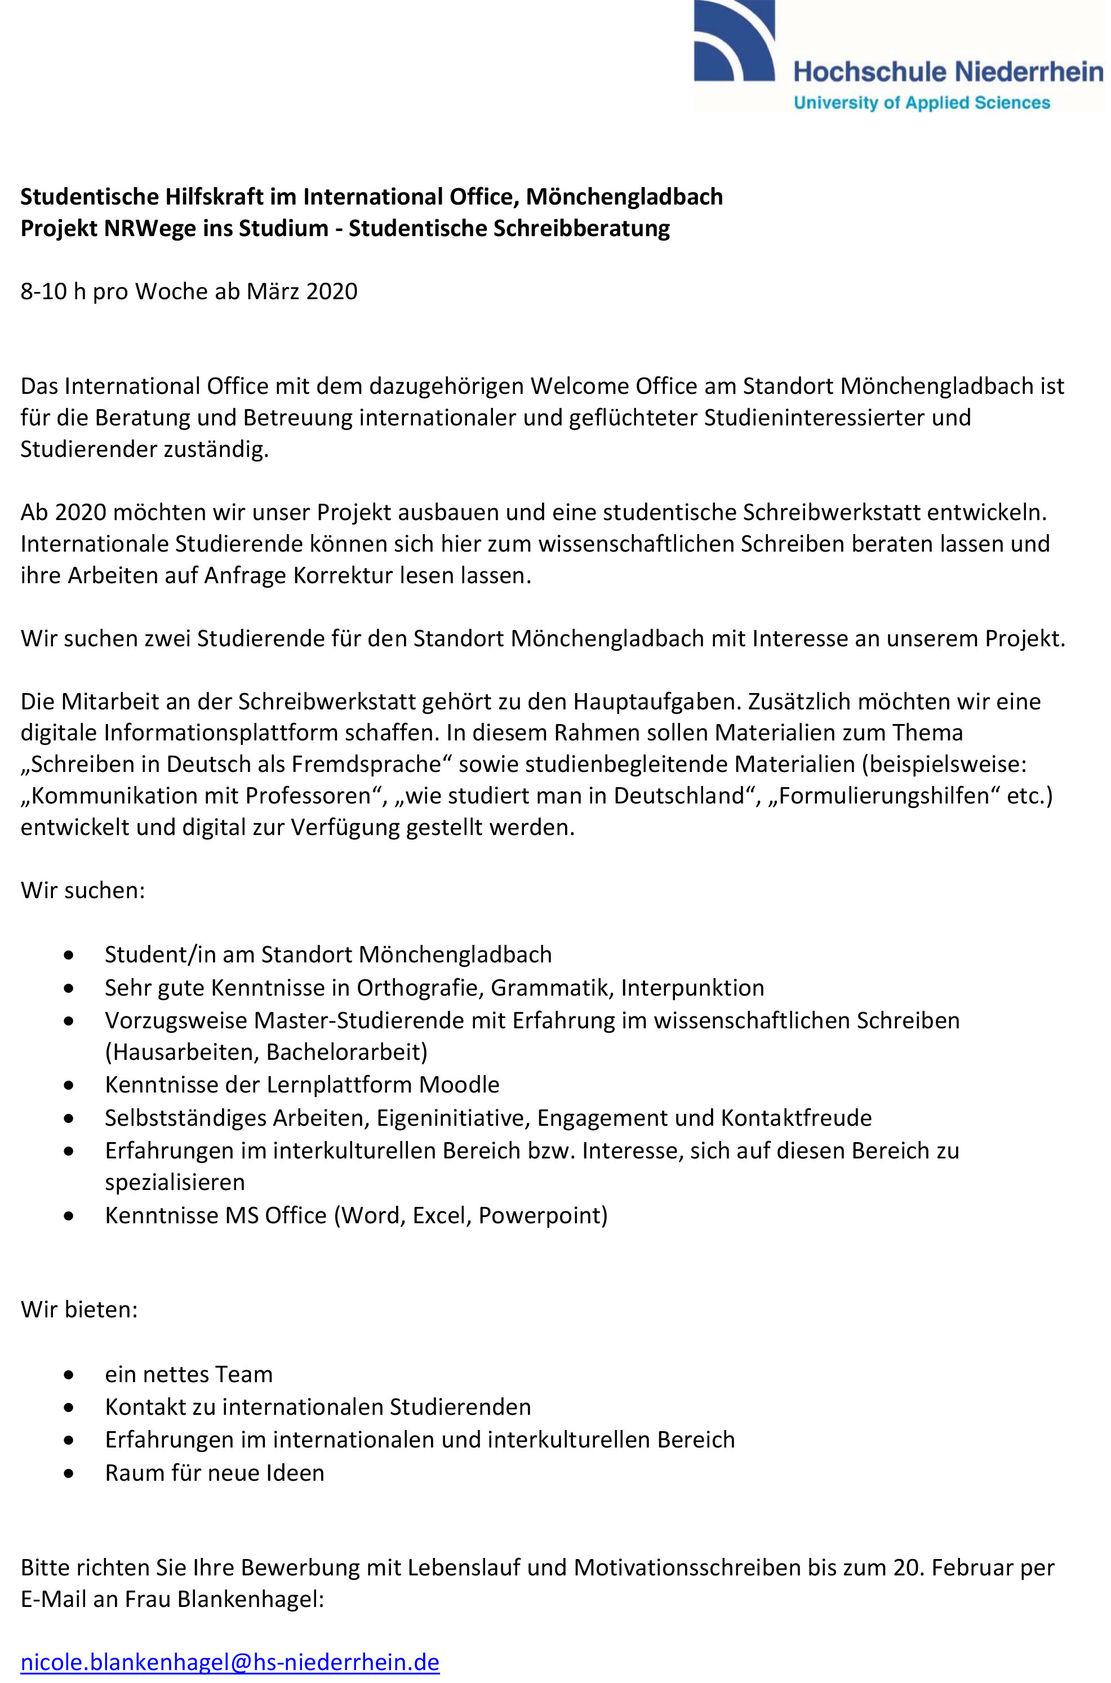 hochschule niederrhein email